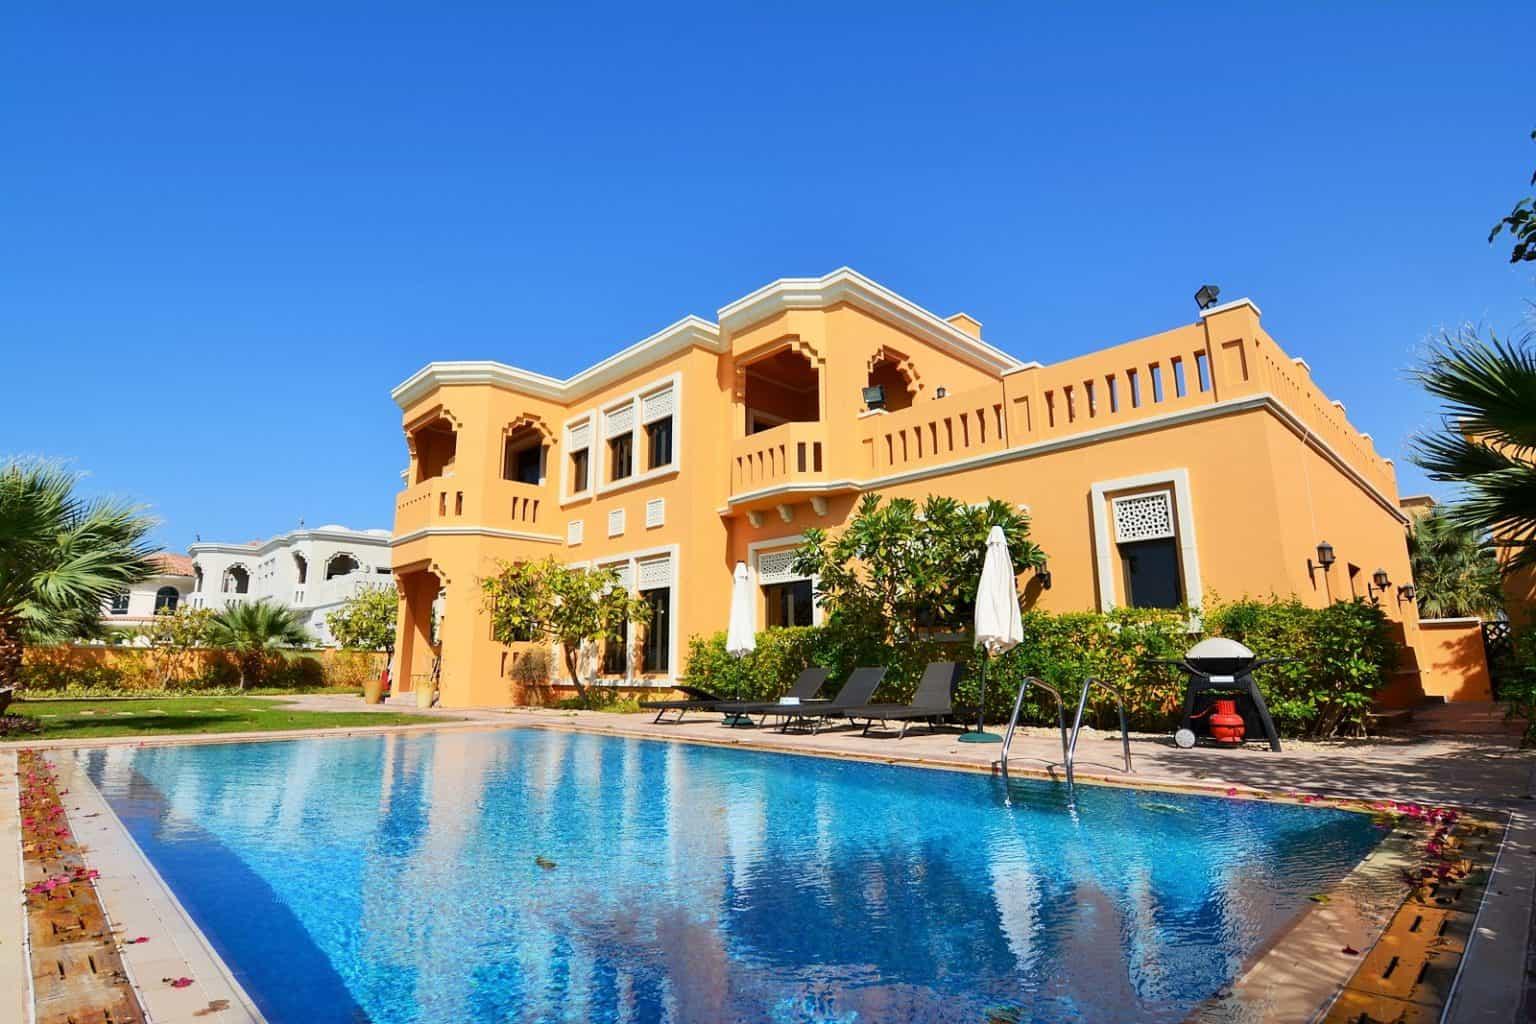 villa palm jumeirah 2 beachfront luxury villa rental dubai